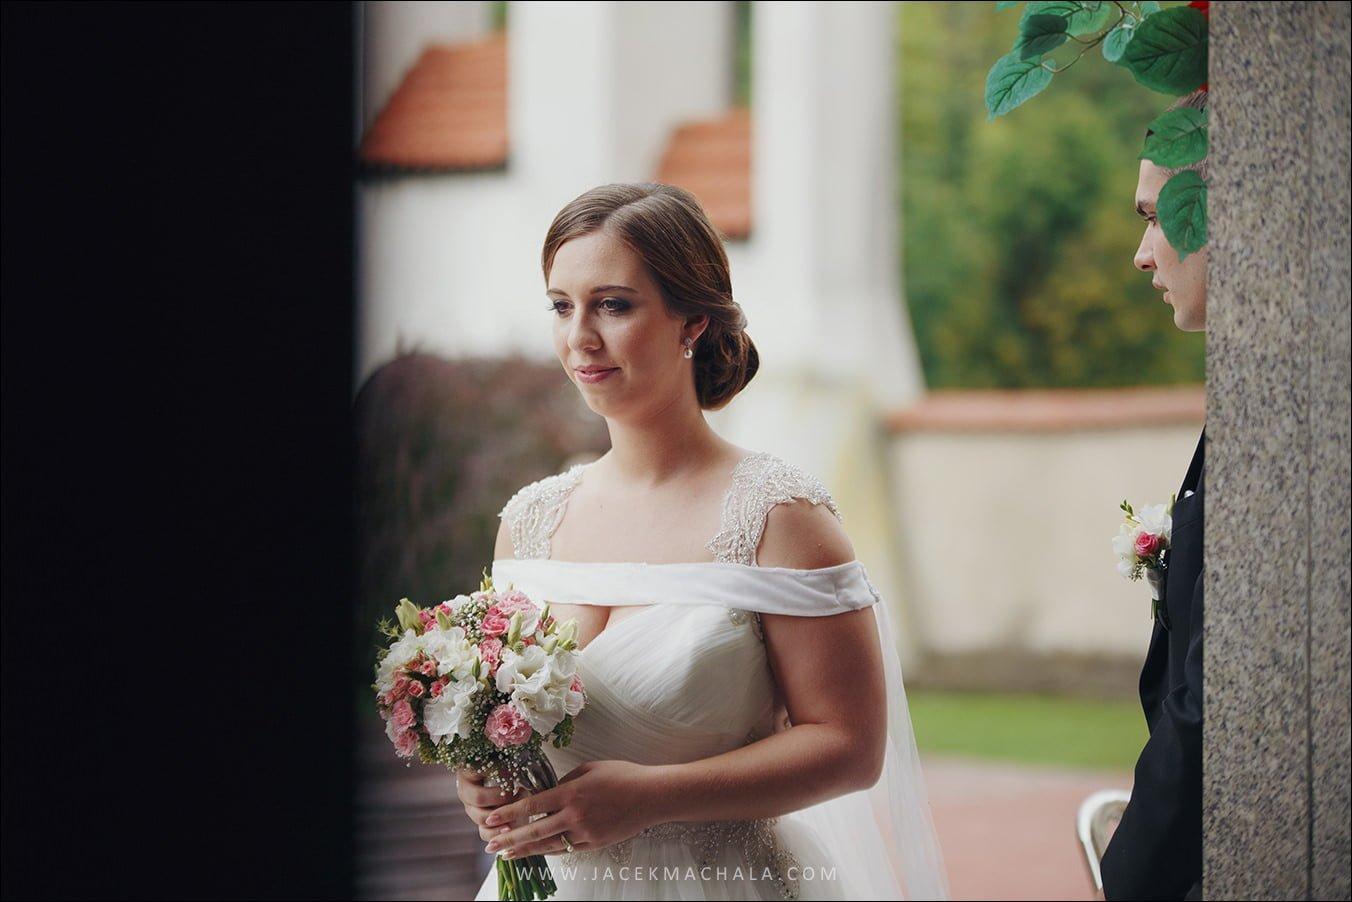 slask fotograf bielsko biala diana i dawid 17 - Hotel Ostaniec - DIANA & DAWID